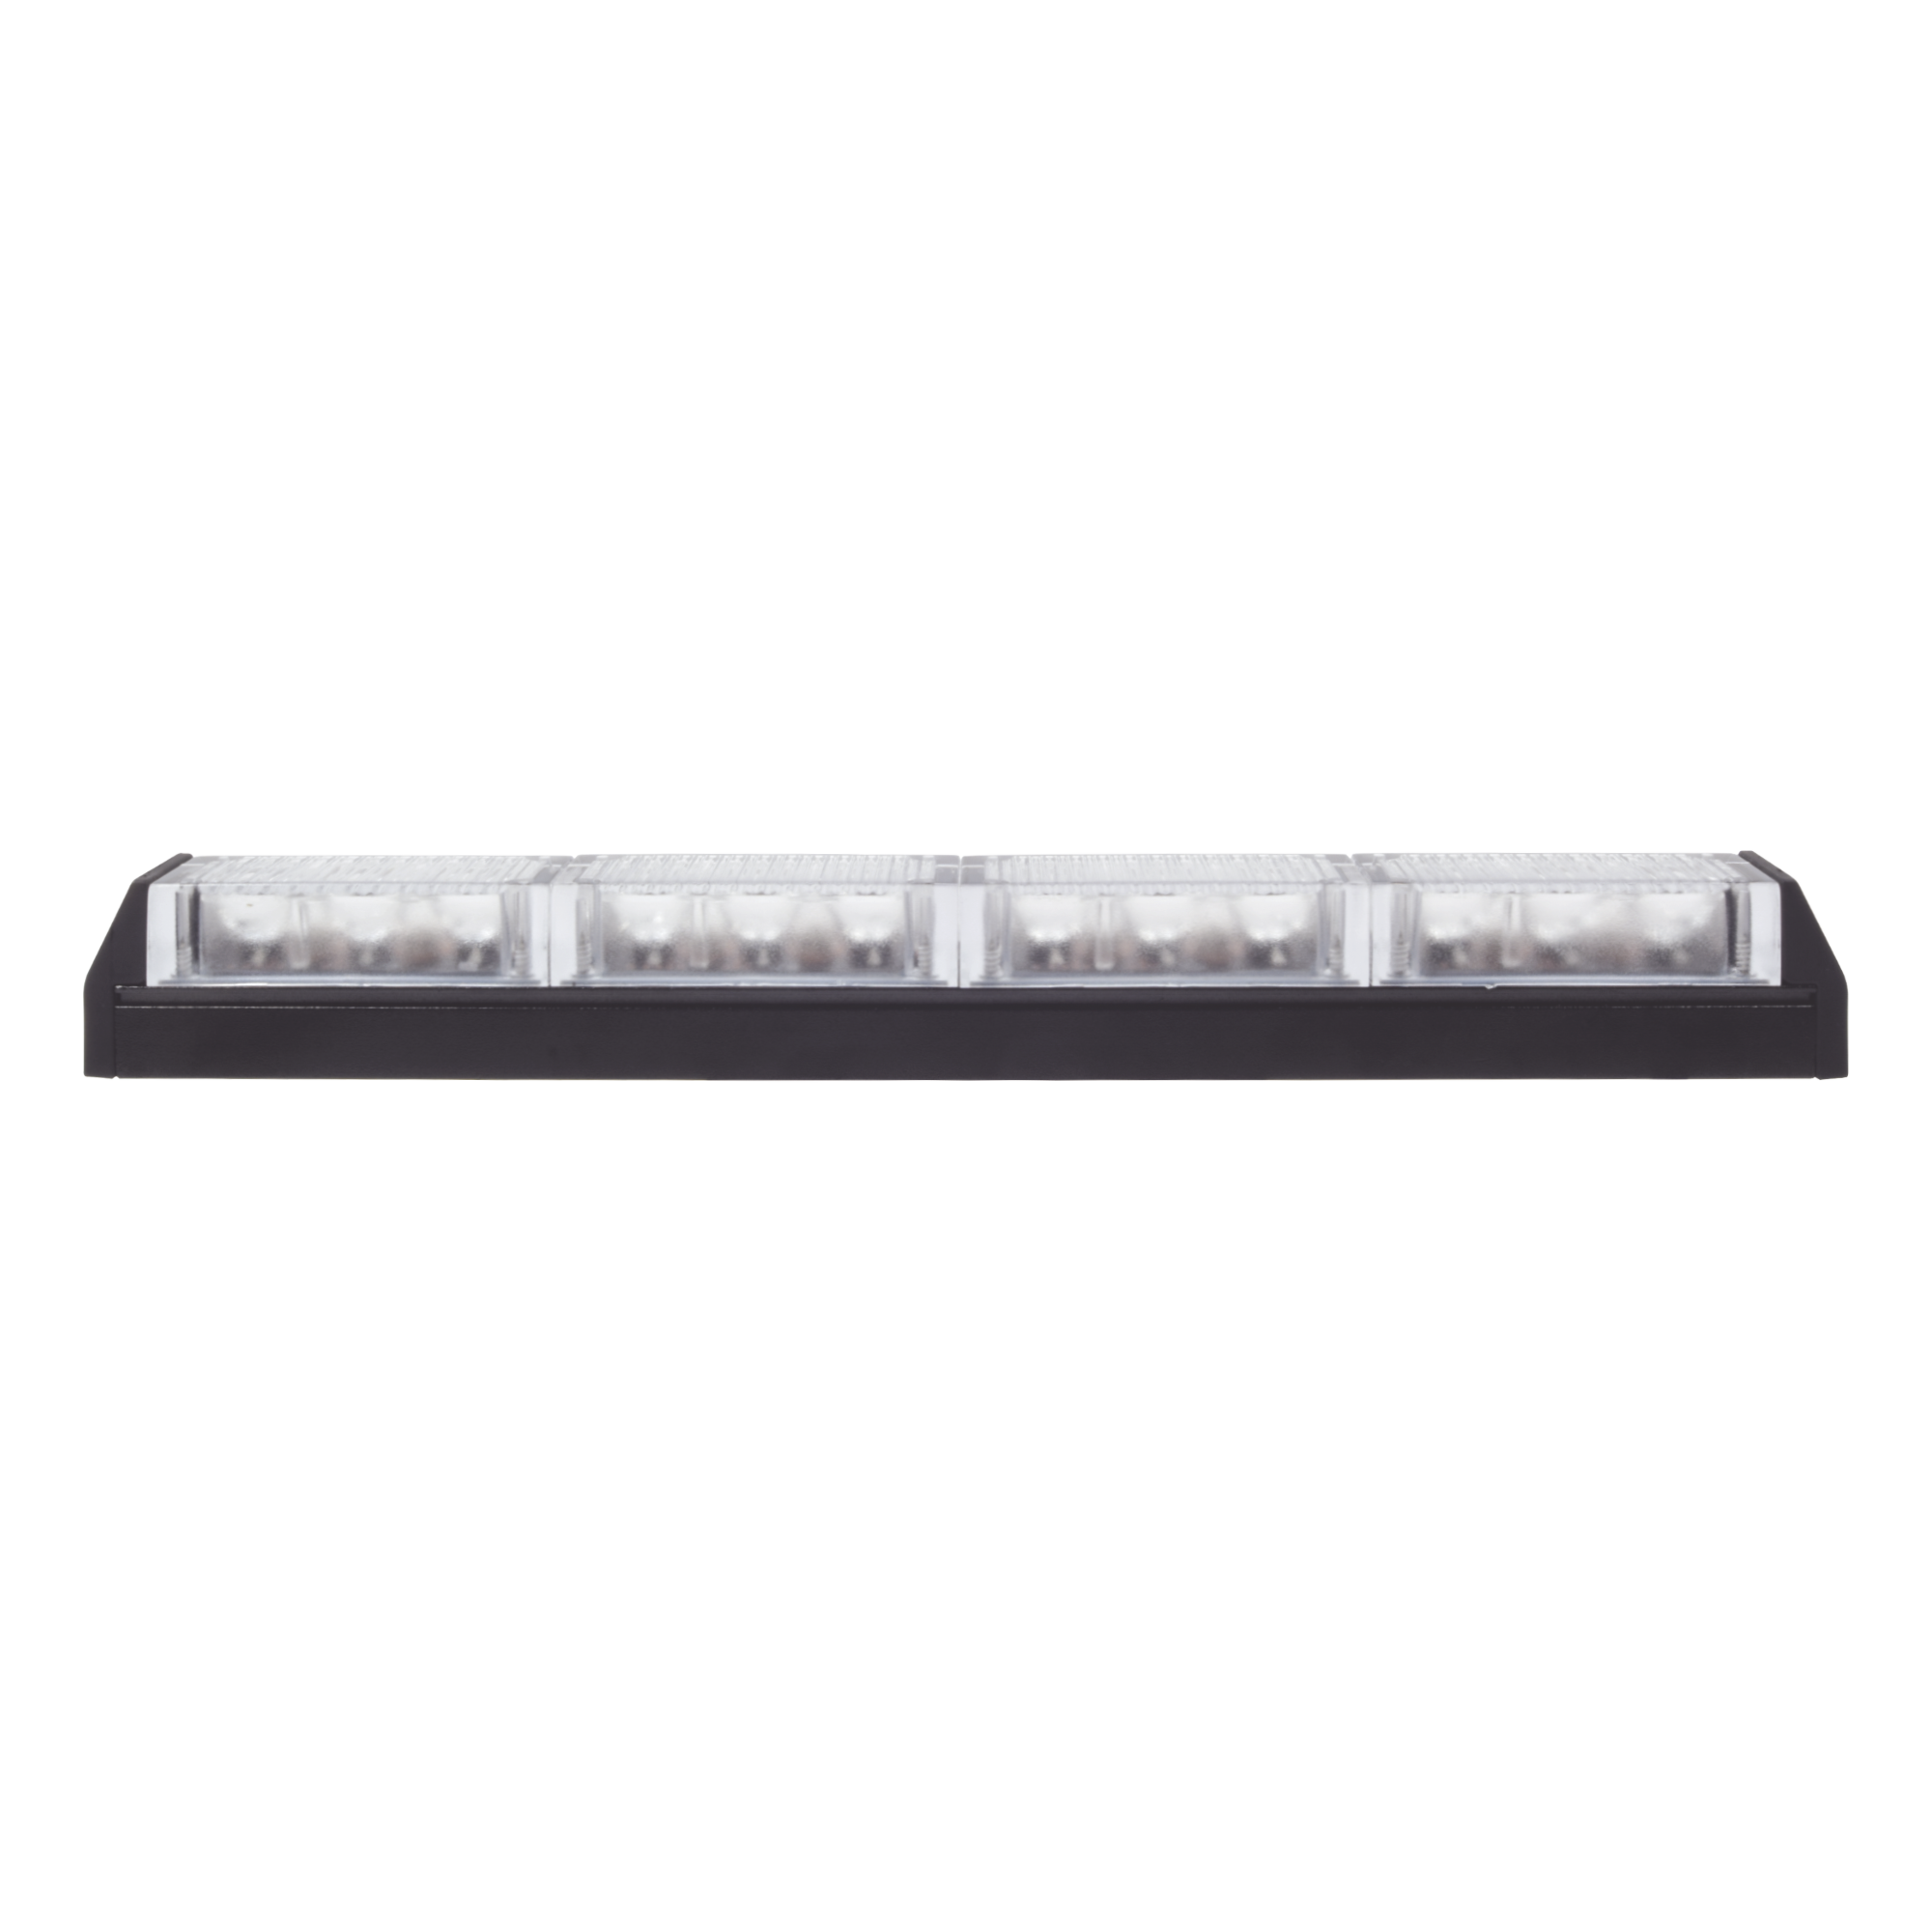 Barra de luz de advertencia con 4 módulos claros